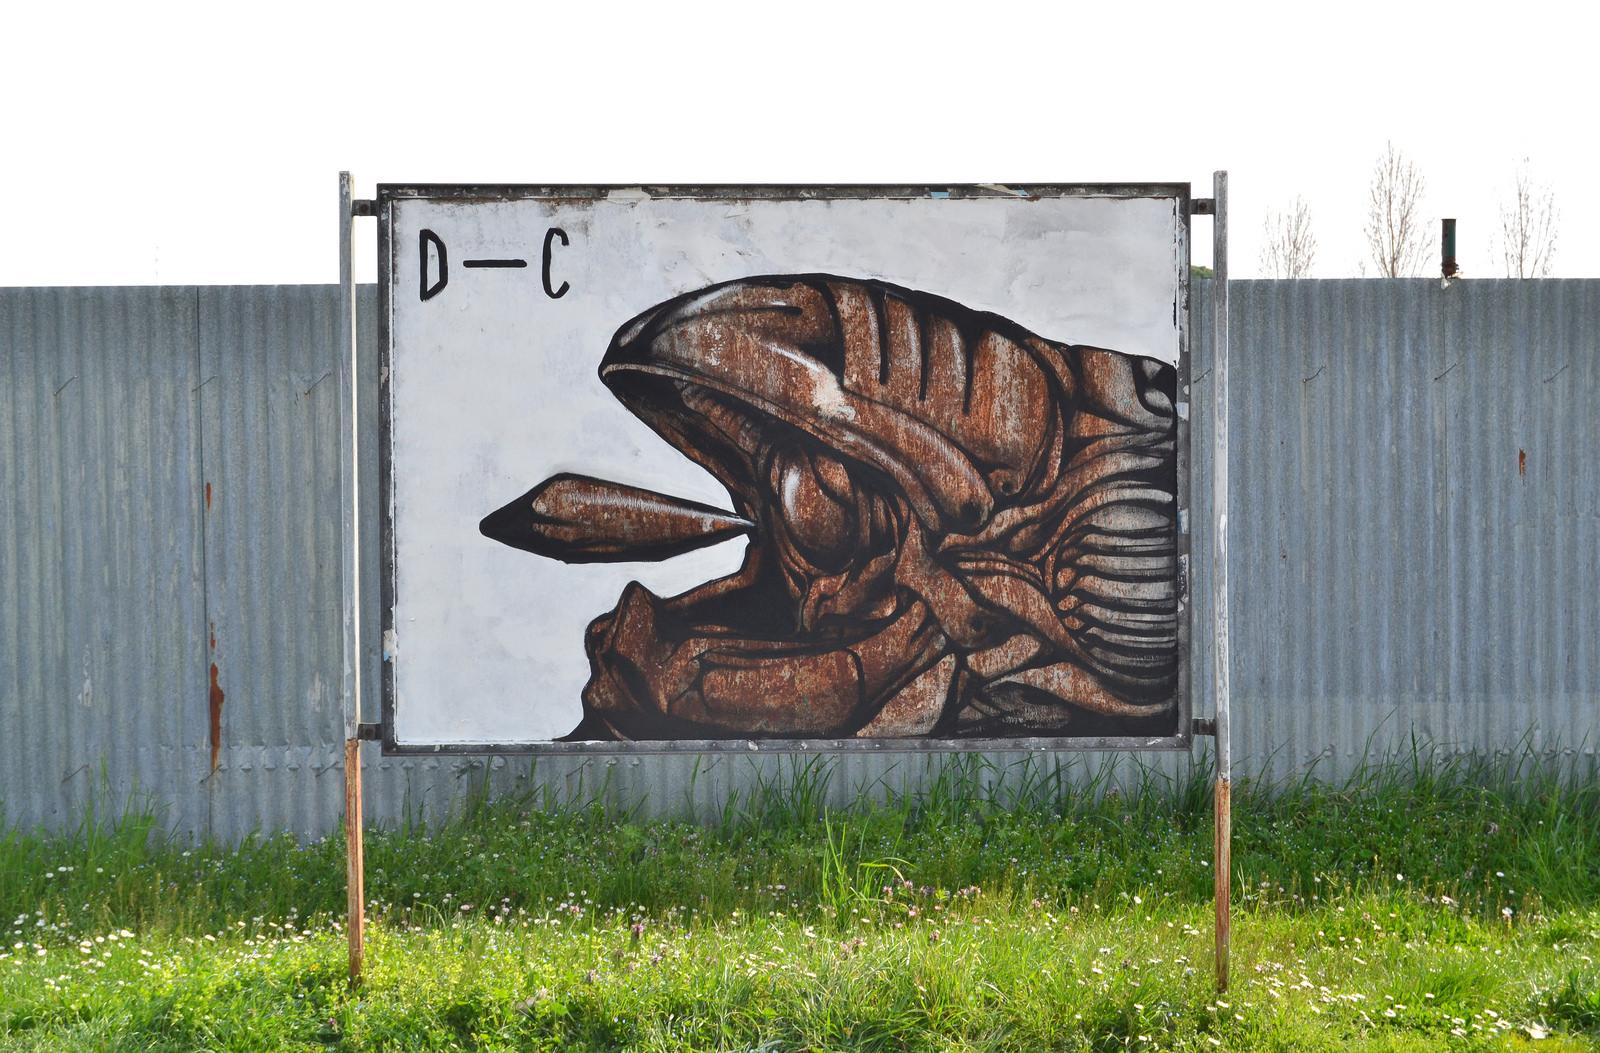 dissensocognitivo-new-mural-near-ravenna-part3-05